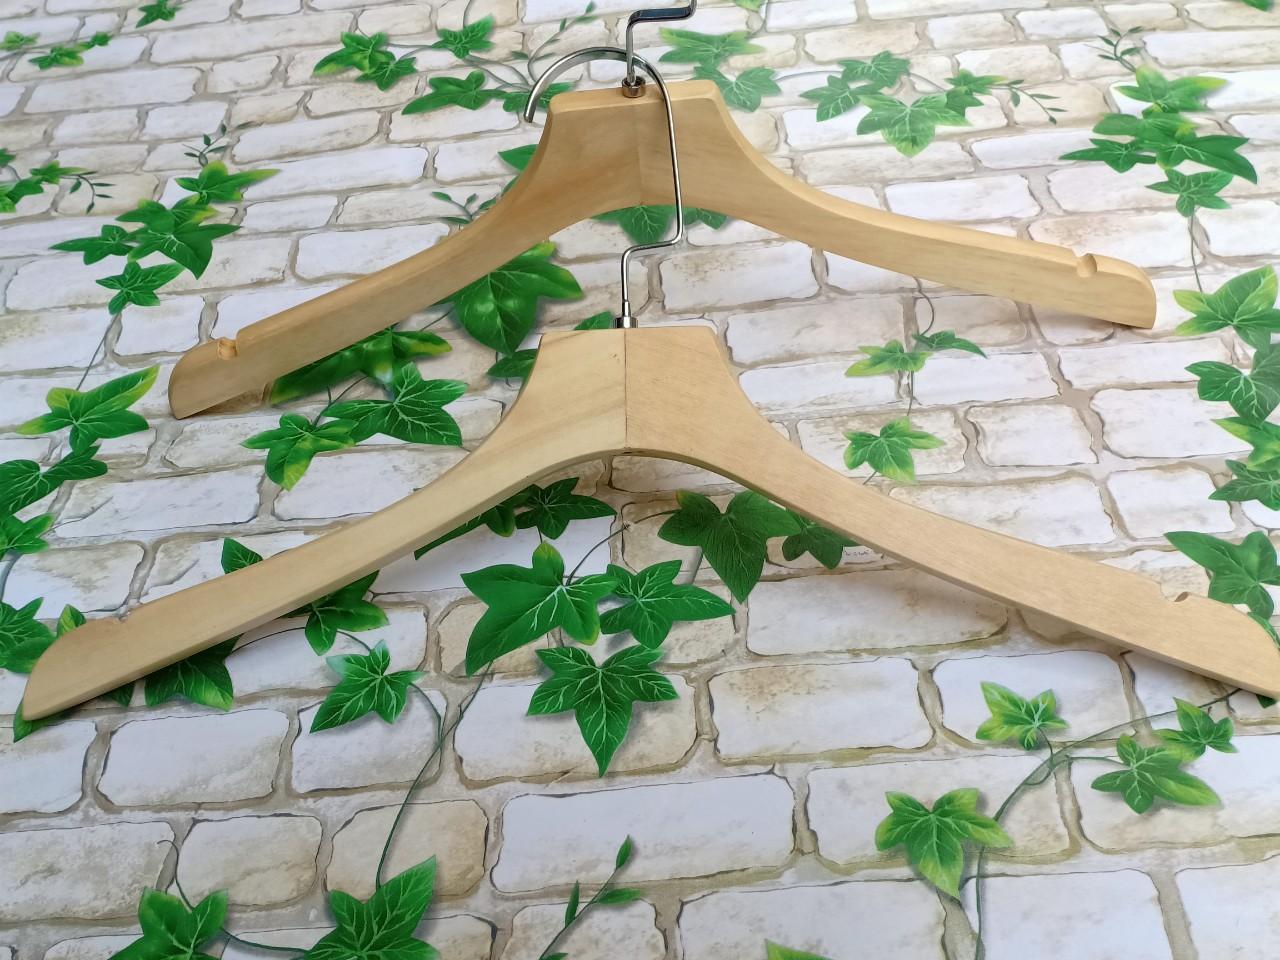 móc-gỗ-nữ-thời-trang-lưng-vuông-không-đệm-vai